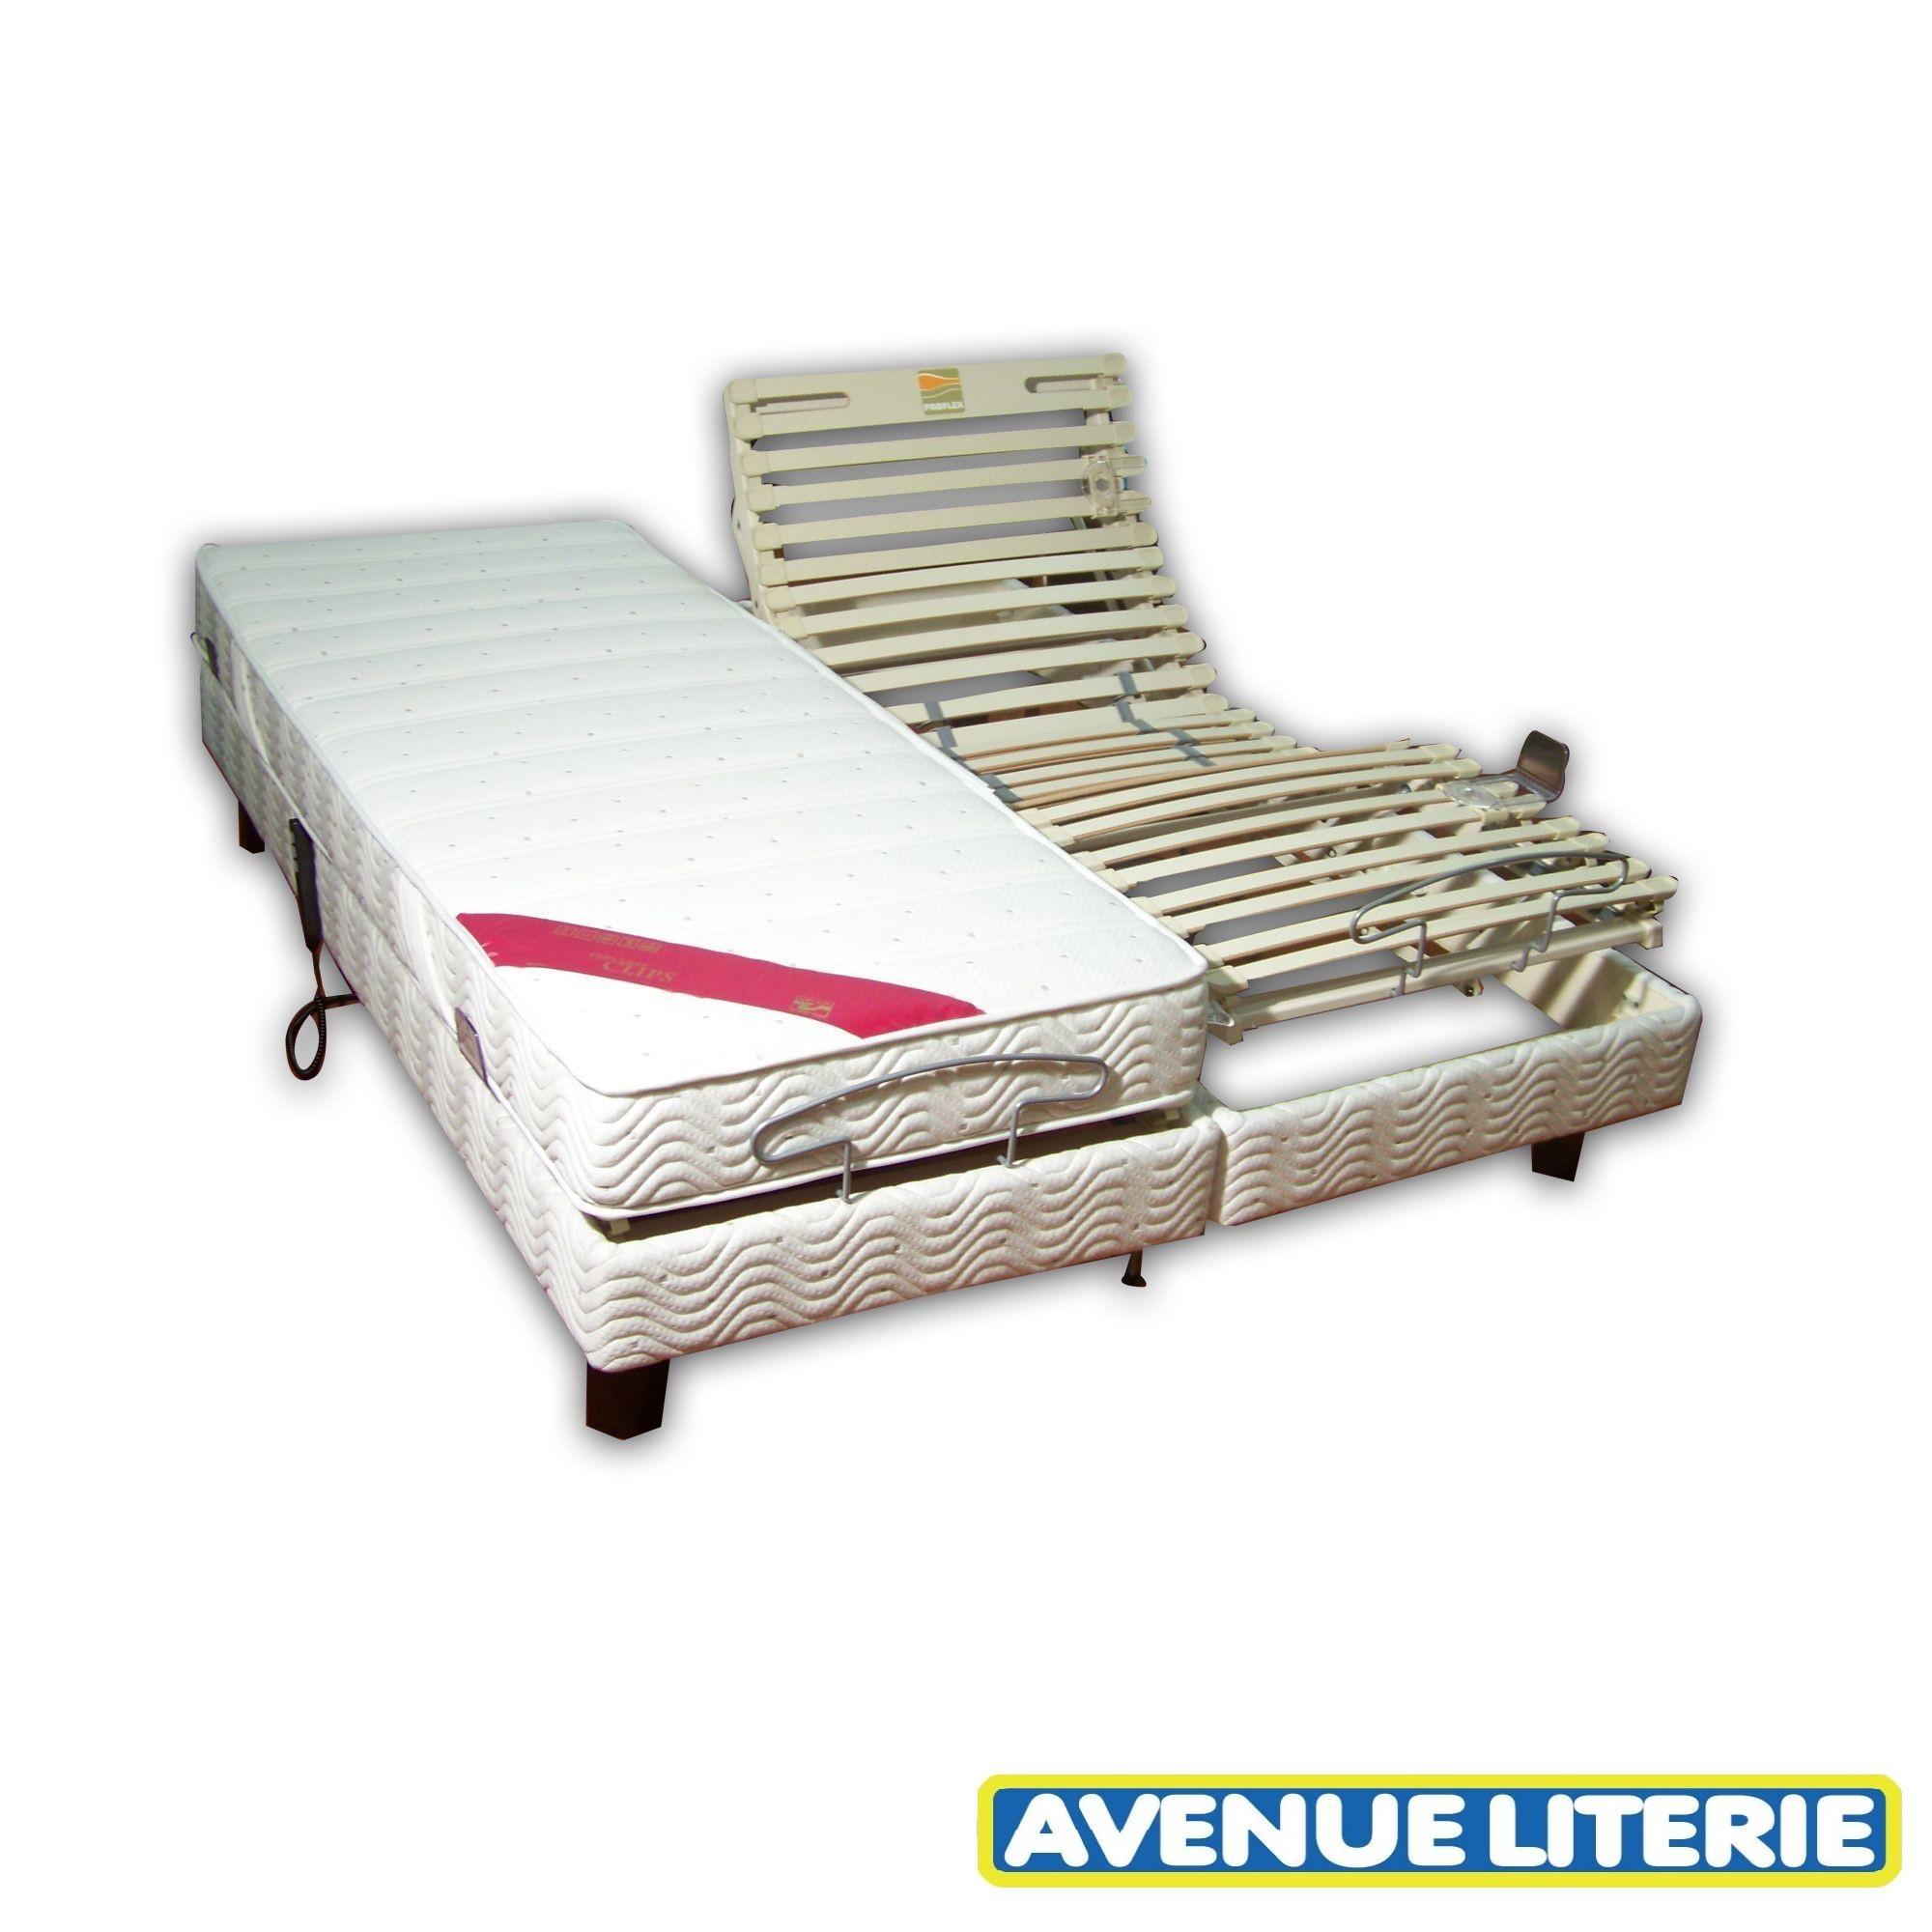 Achat lit lectrique 2x90x200 velda new proflex clips pas cher avenue literie - Lit electrique 2x90x200 ...